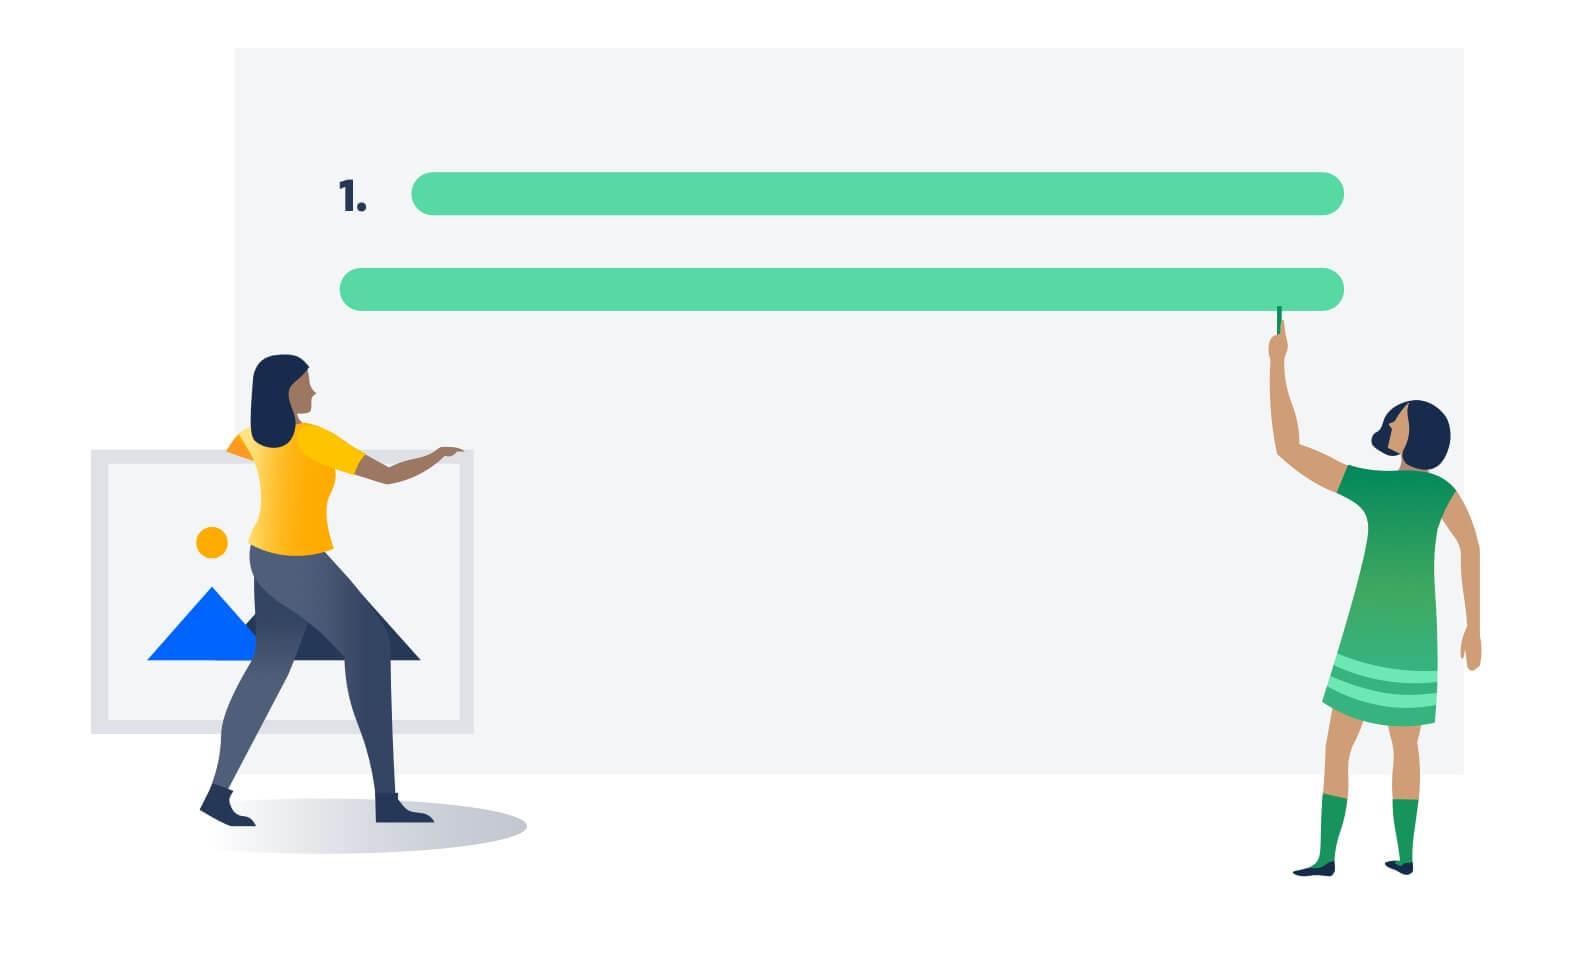 Шаг3. Соберите иллюстрации, схемы и снимки экрана